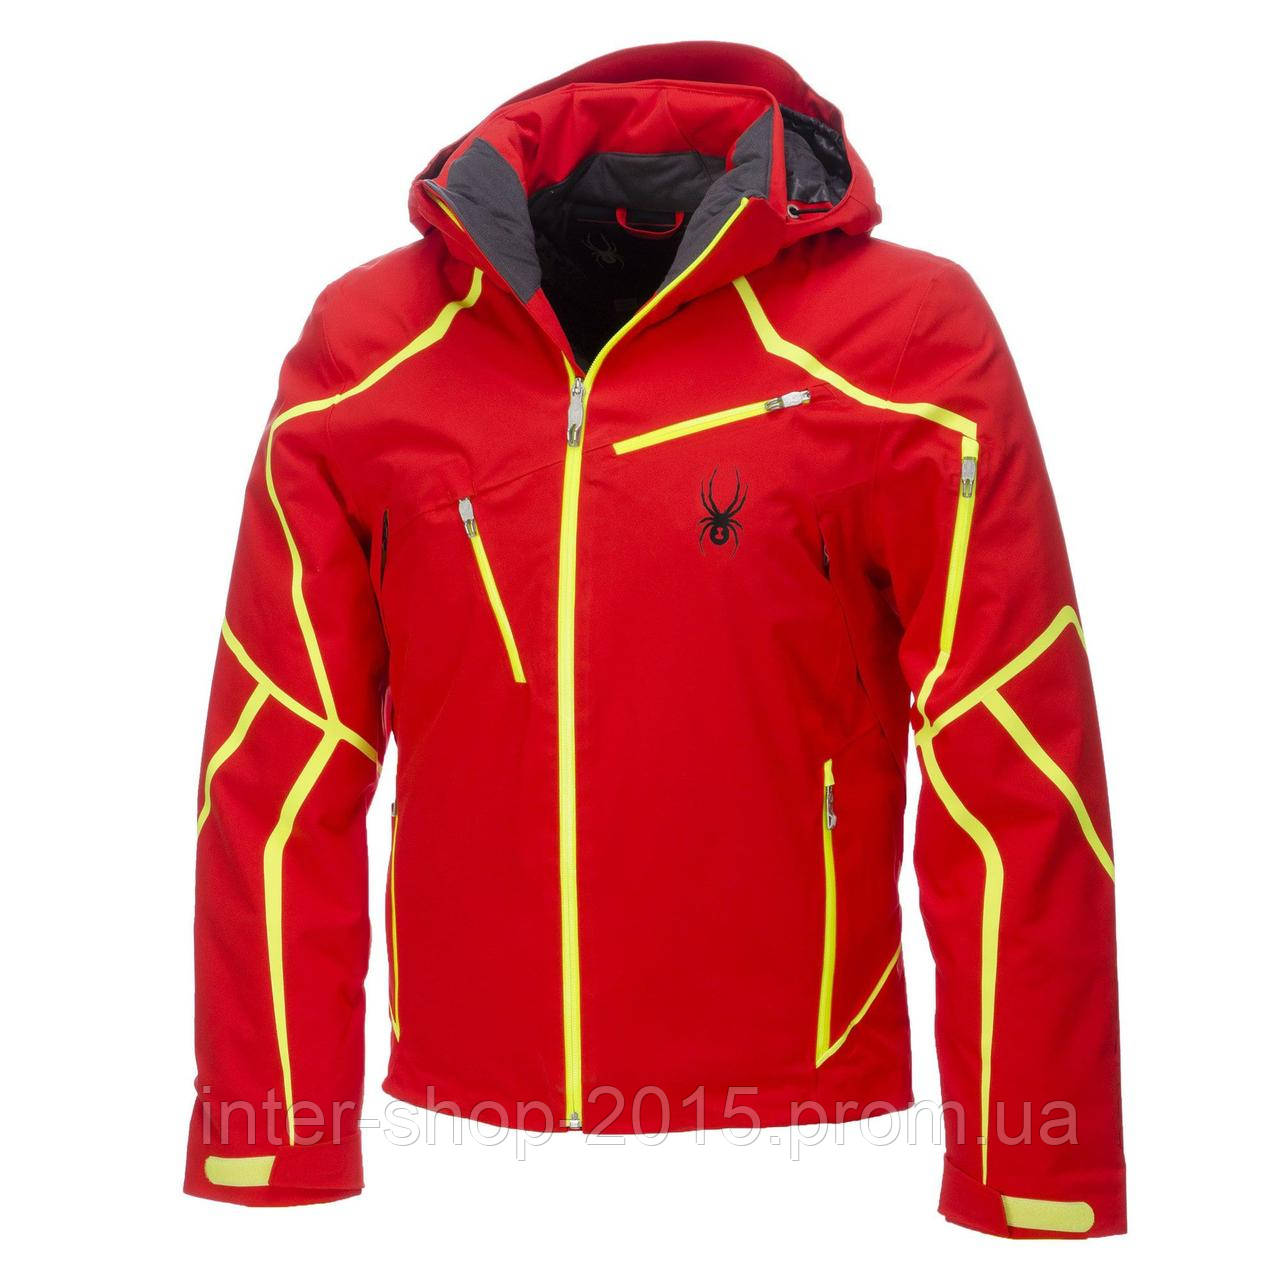 Мужская Горнолыжная Куртка Spyder Esper 153110 — в Категории ... 831afb13dd2